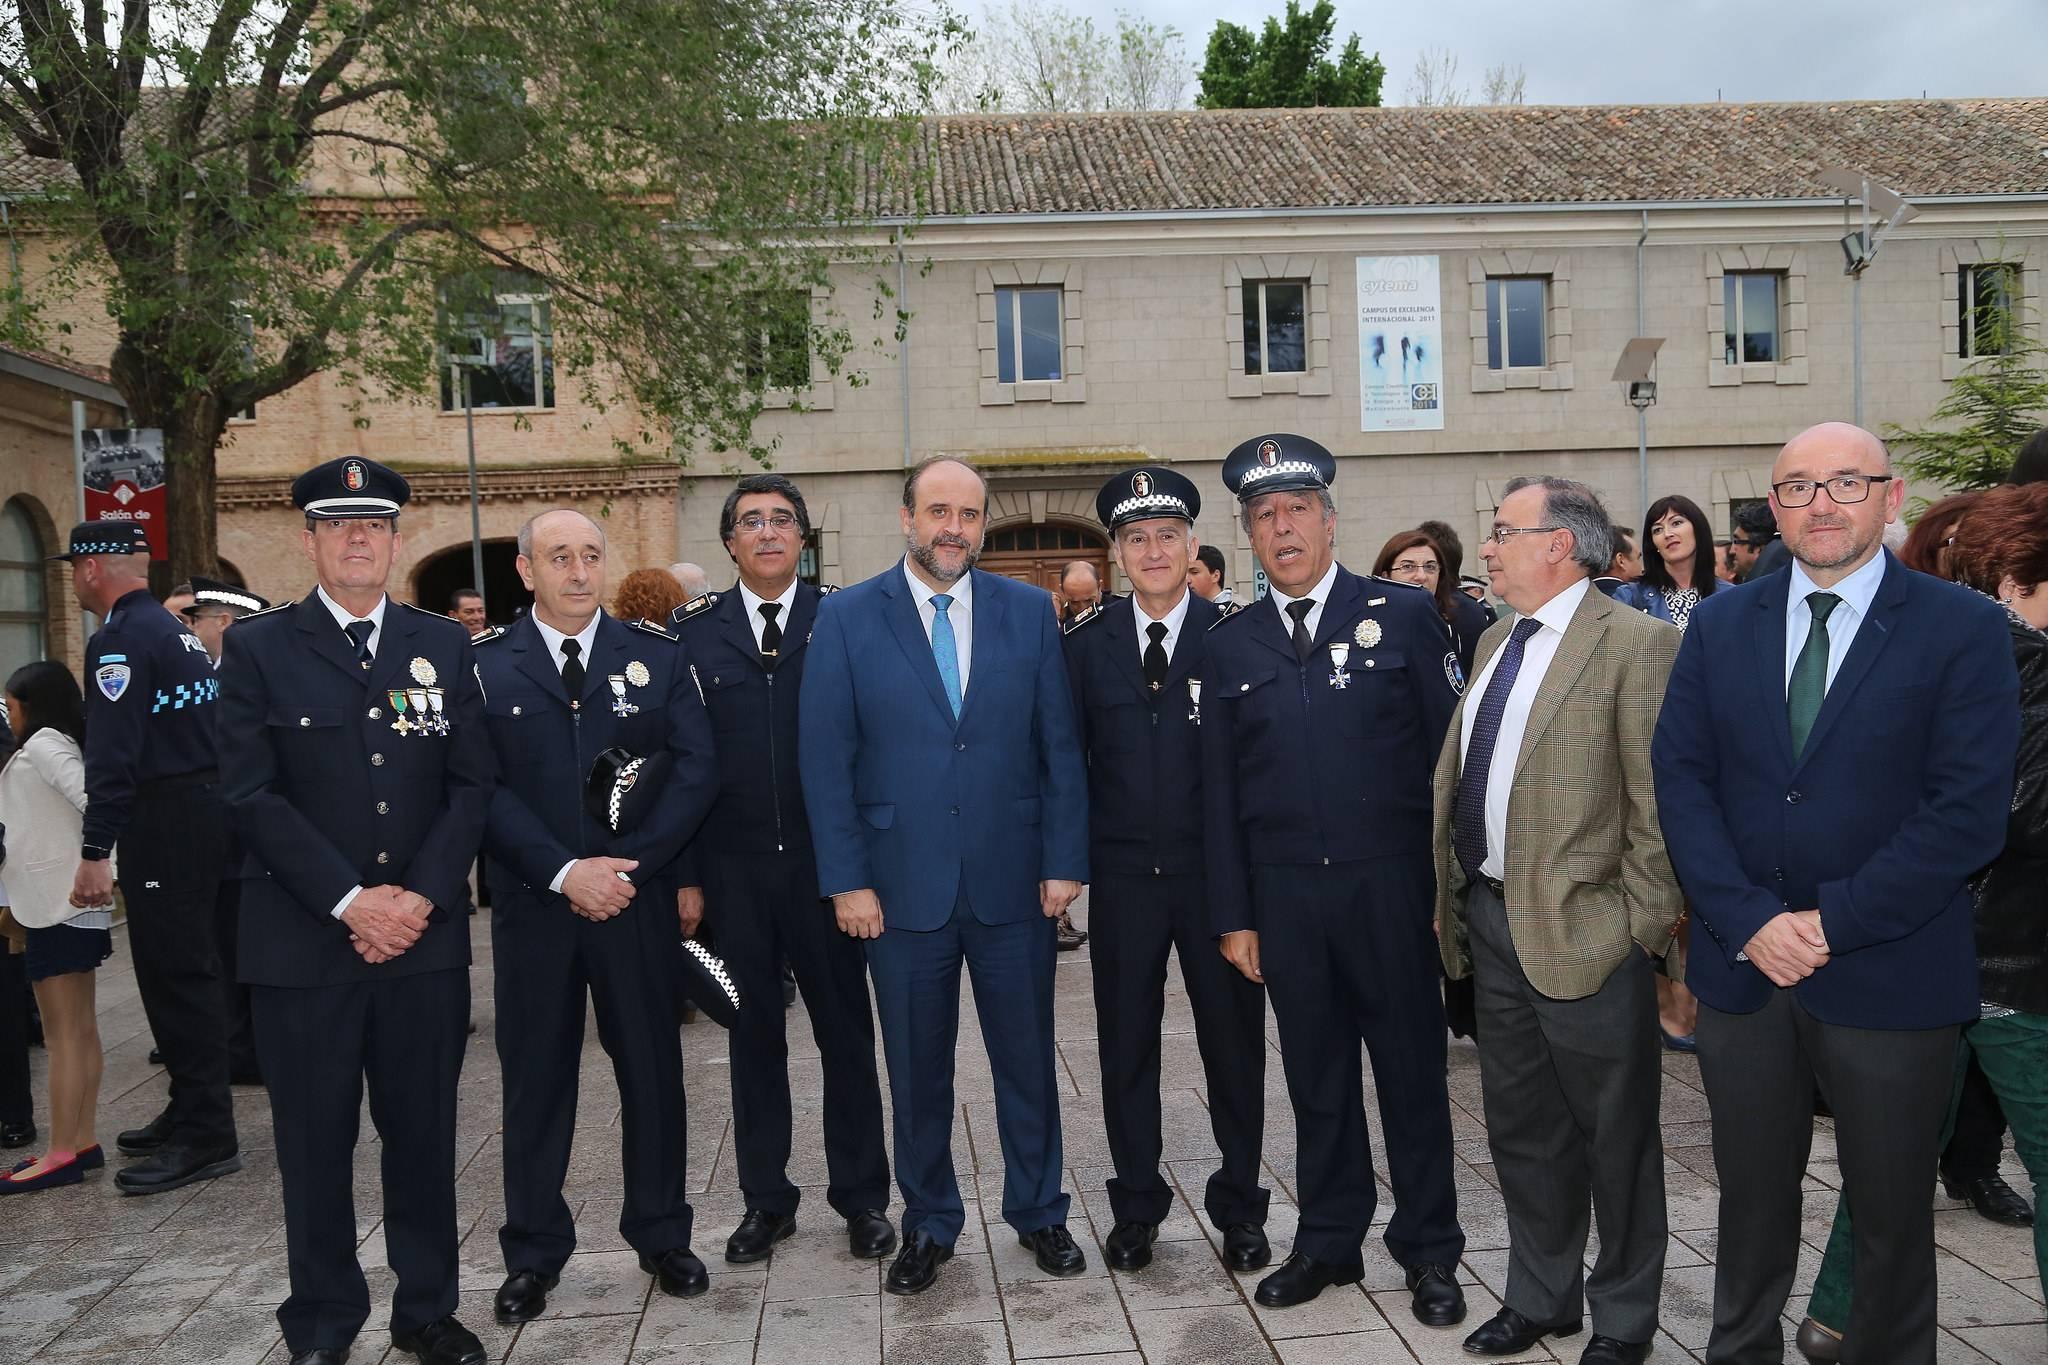 policia local y gobierno regional